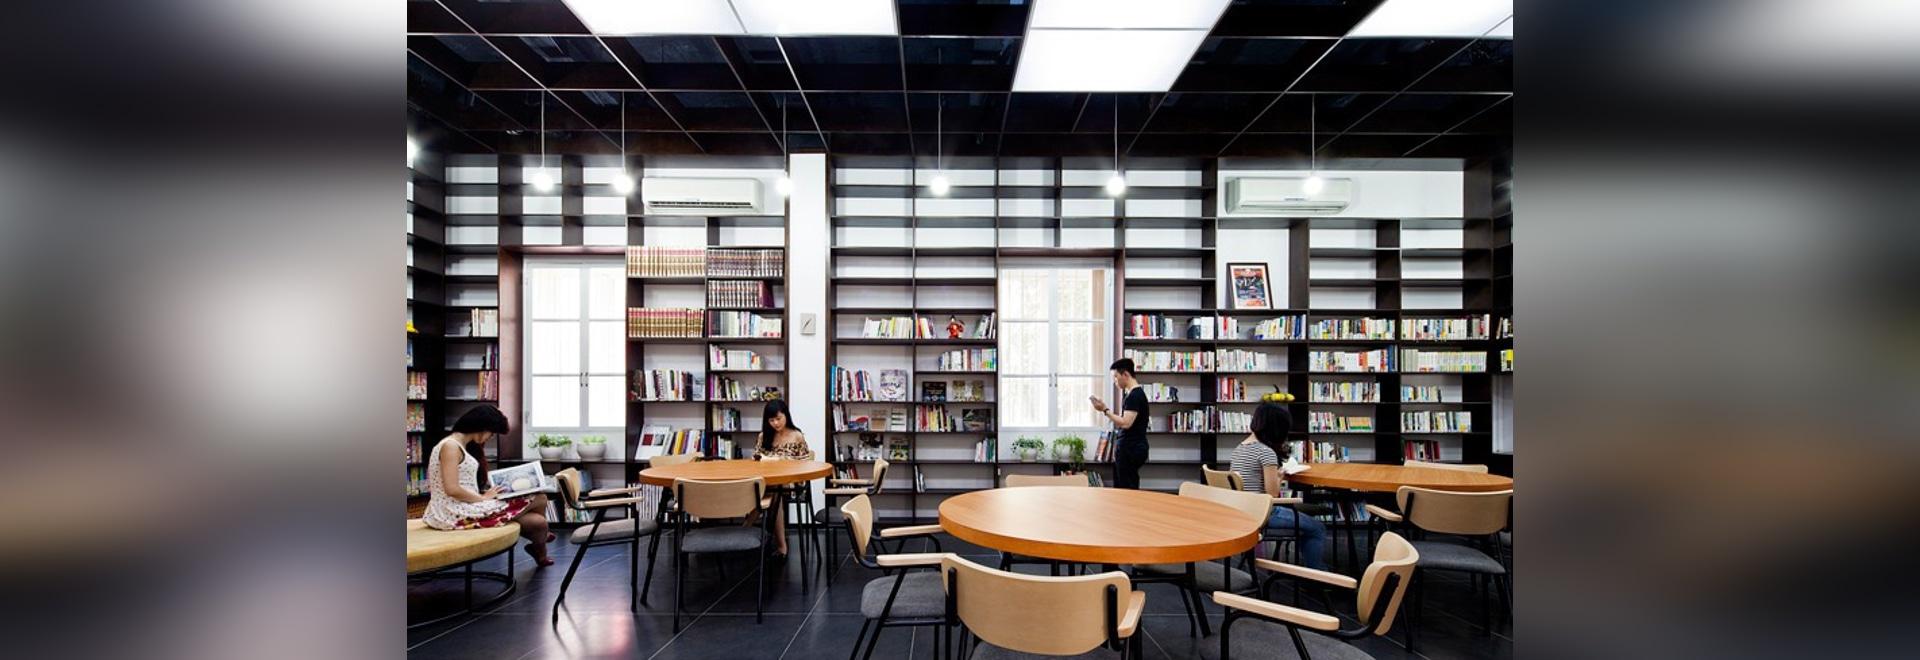 el proyecto incluyó la renovación del interior y el diseño de nuevos muebles